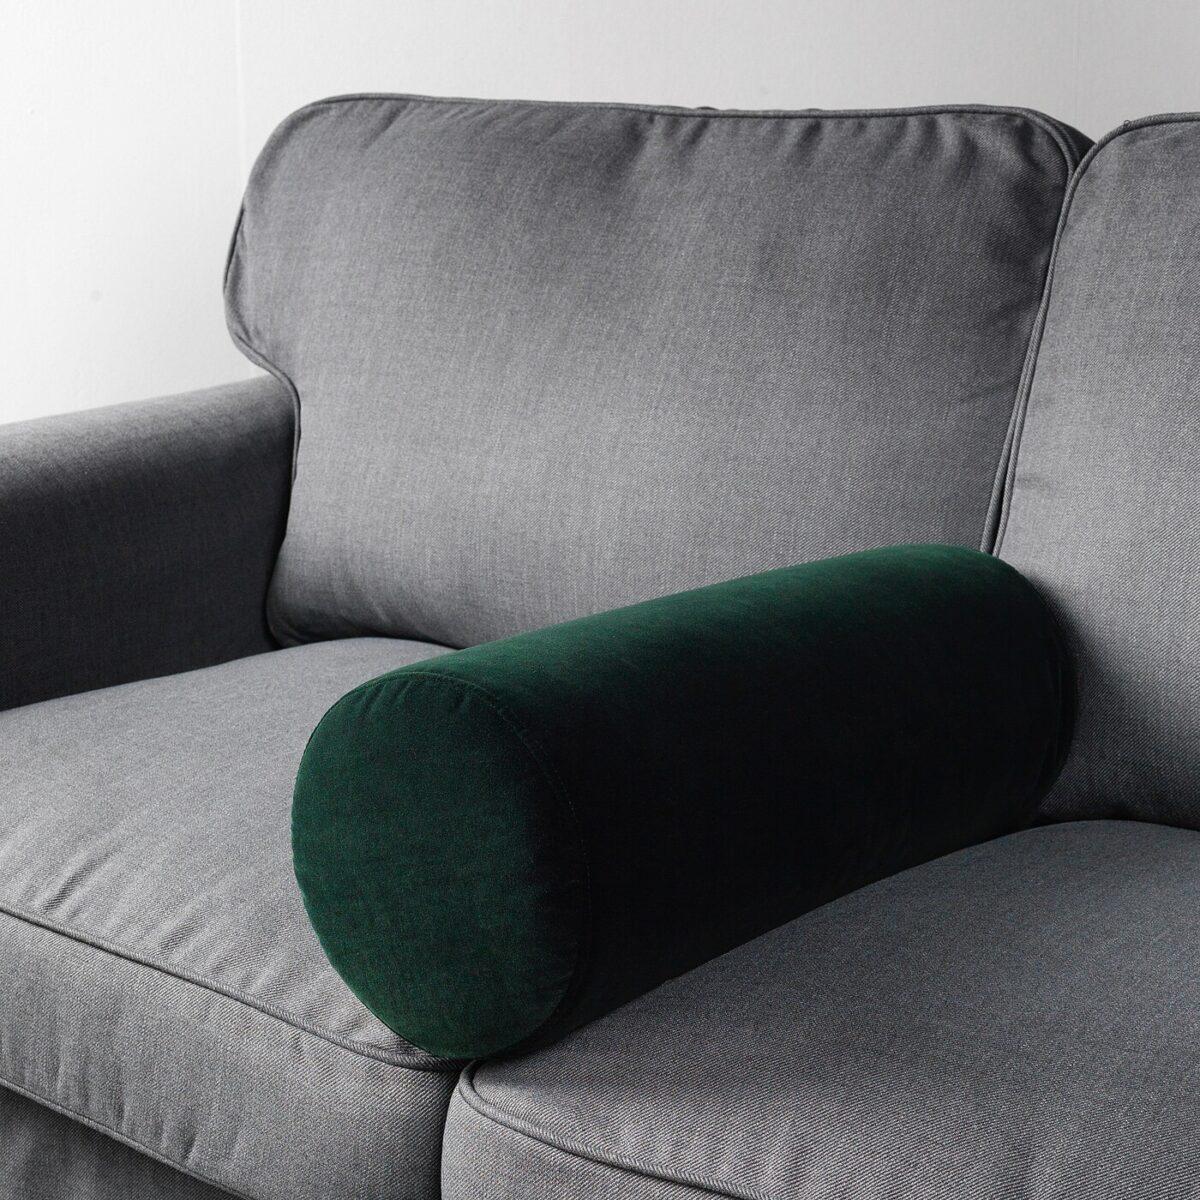 ikea-collezione-omtaenksam-cuscino-divano